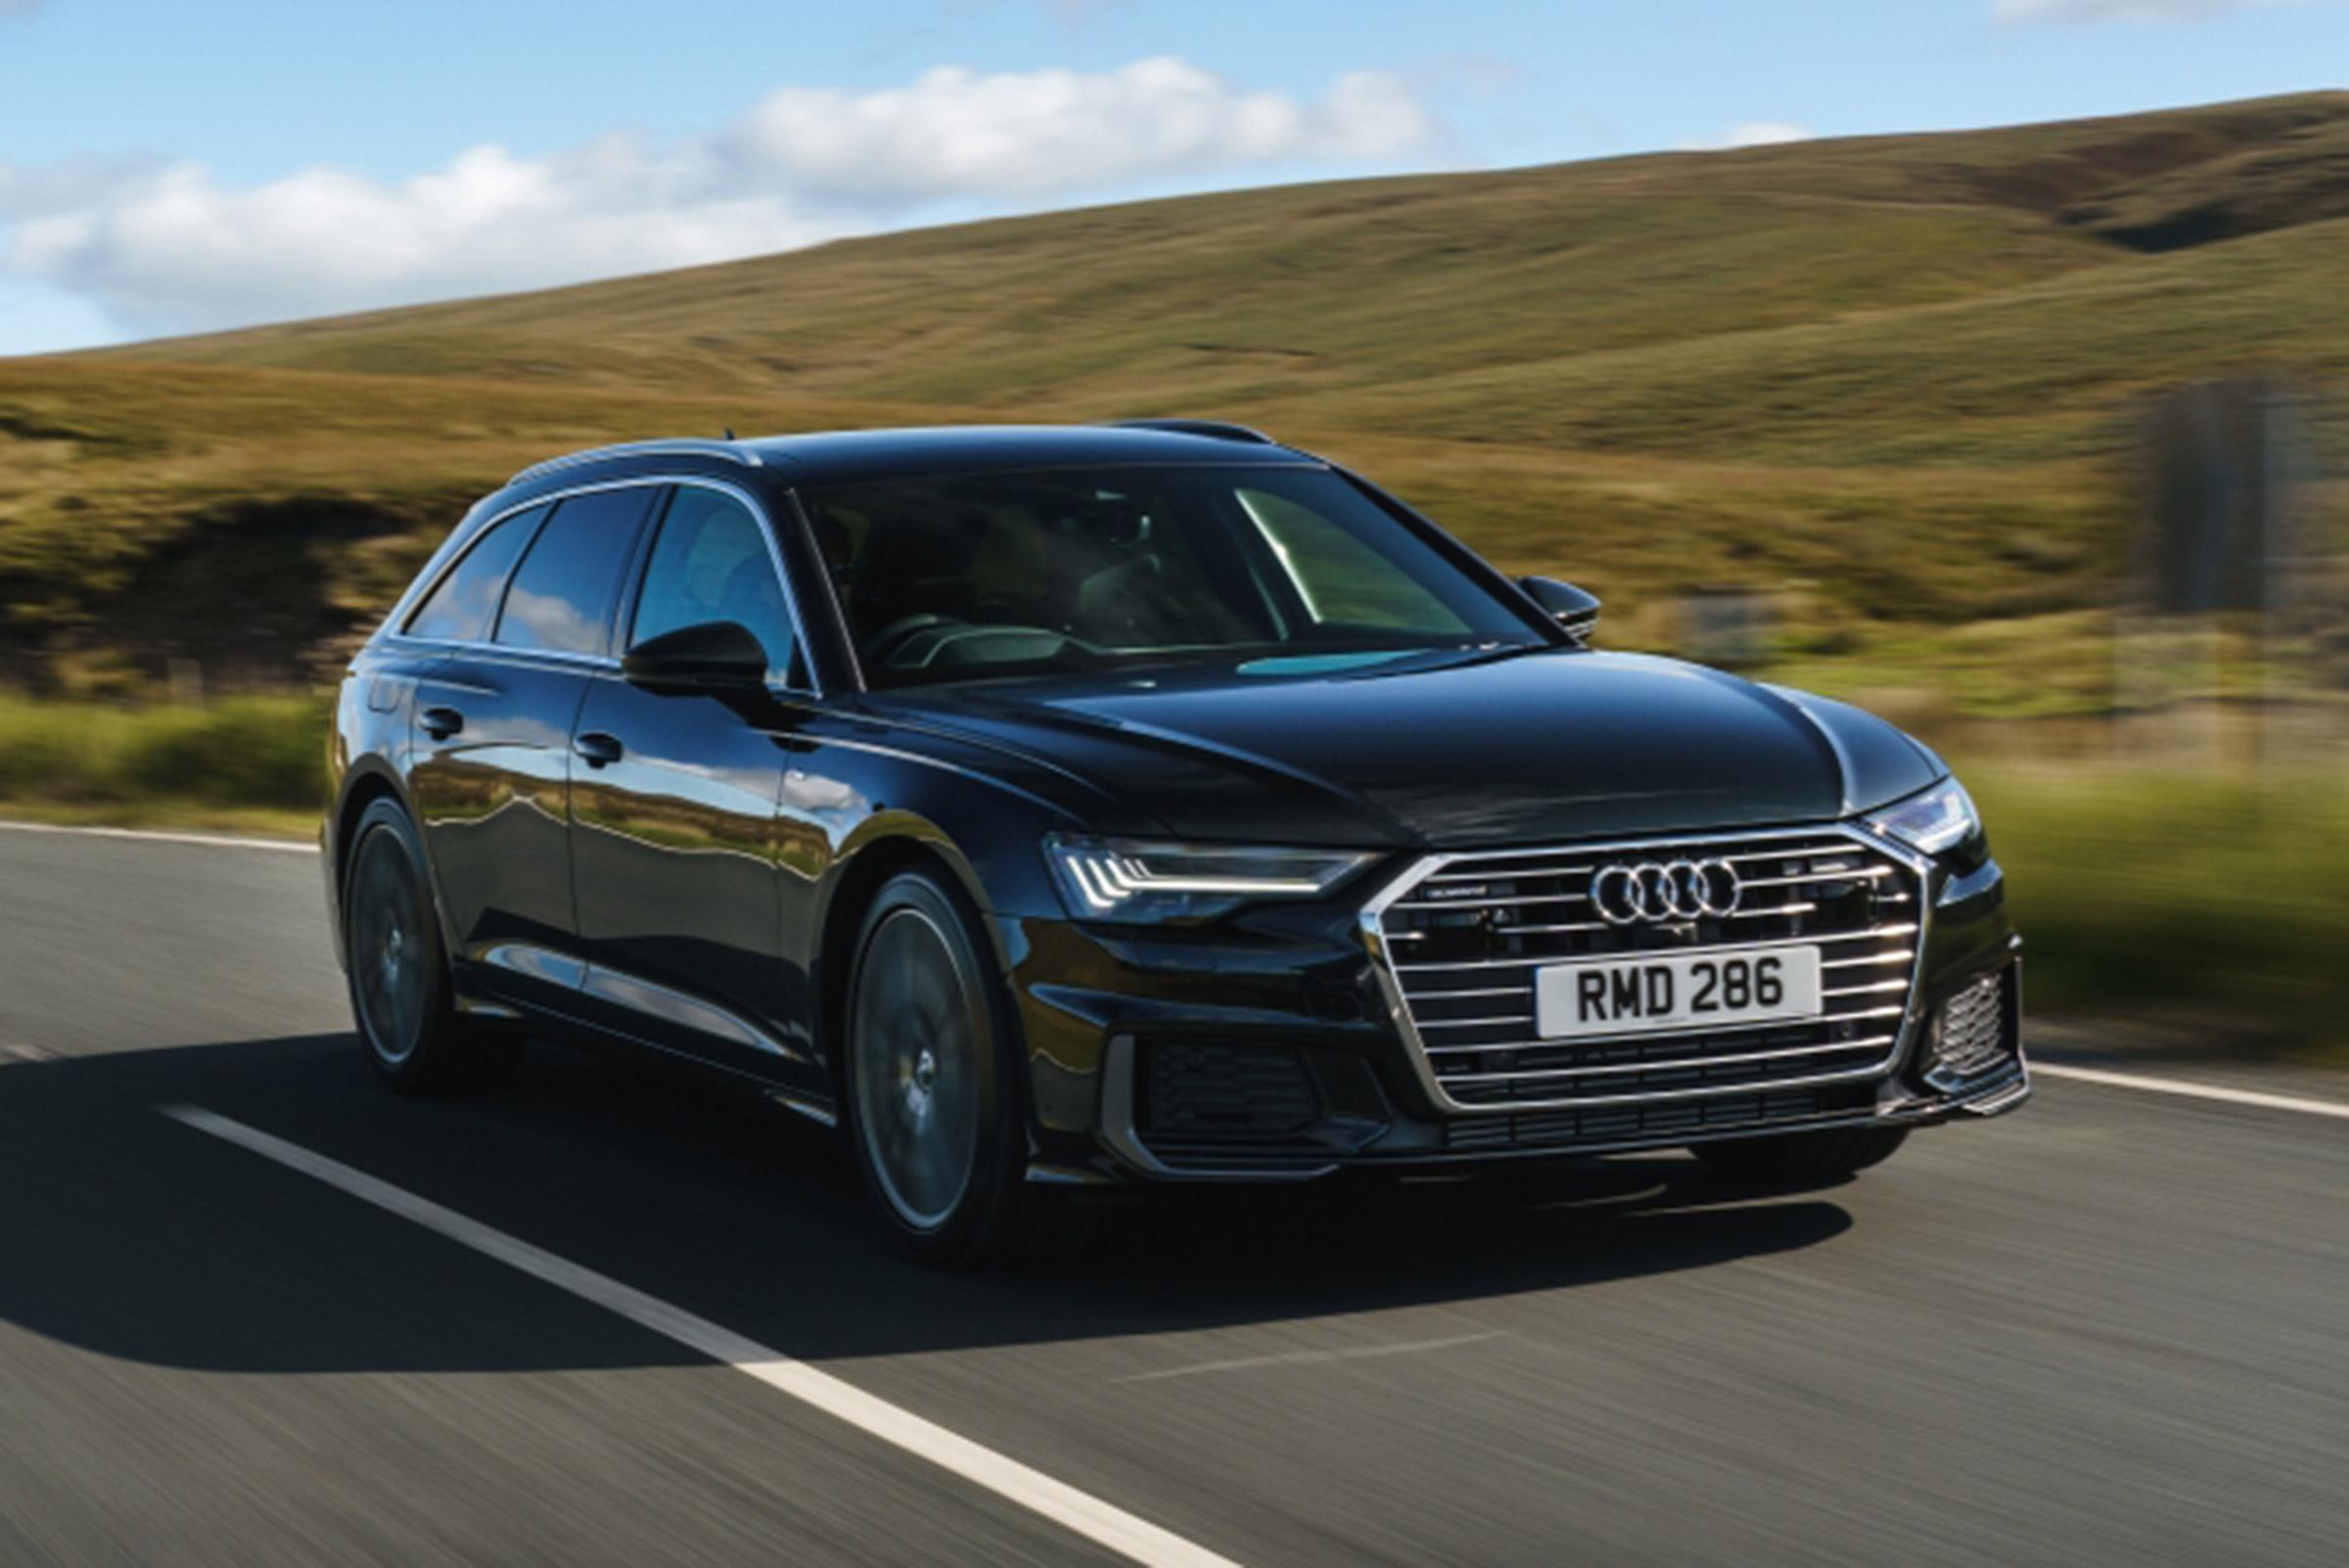 Kelebihan Audi A6 Allroad 2018 Harga